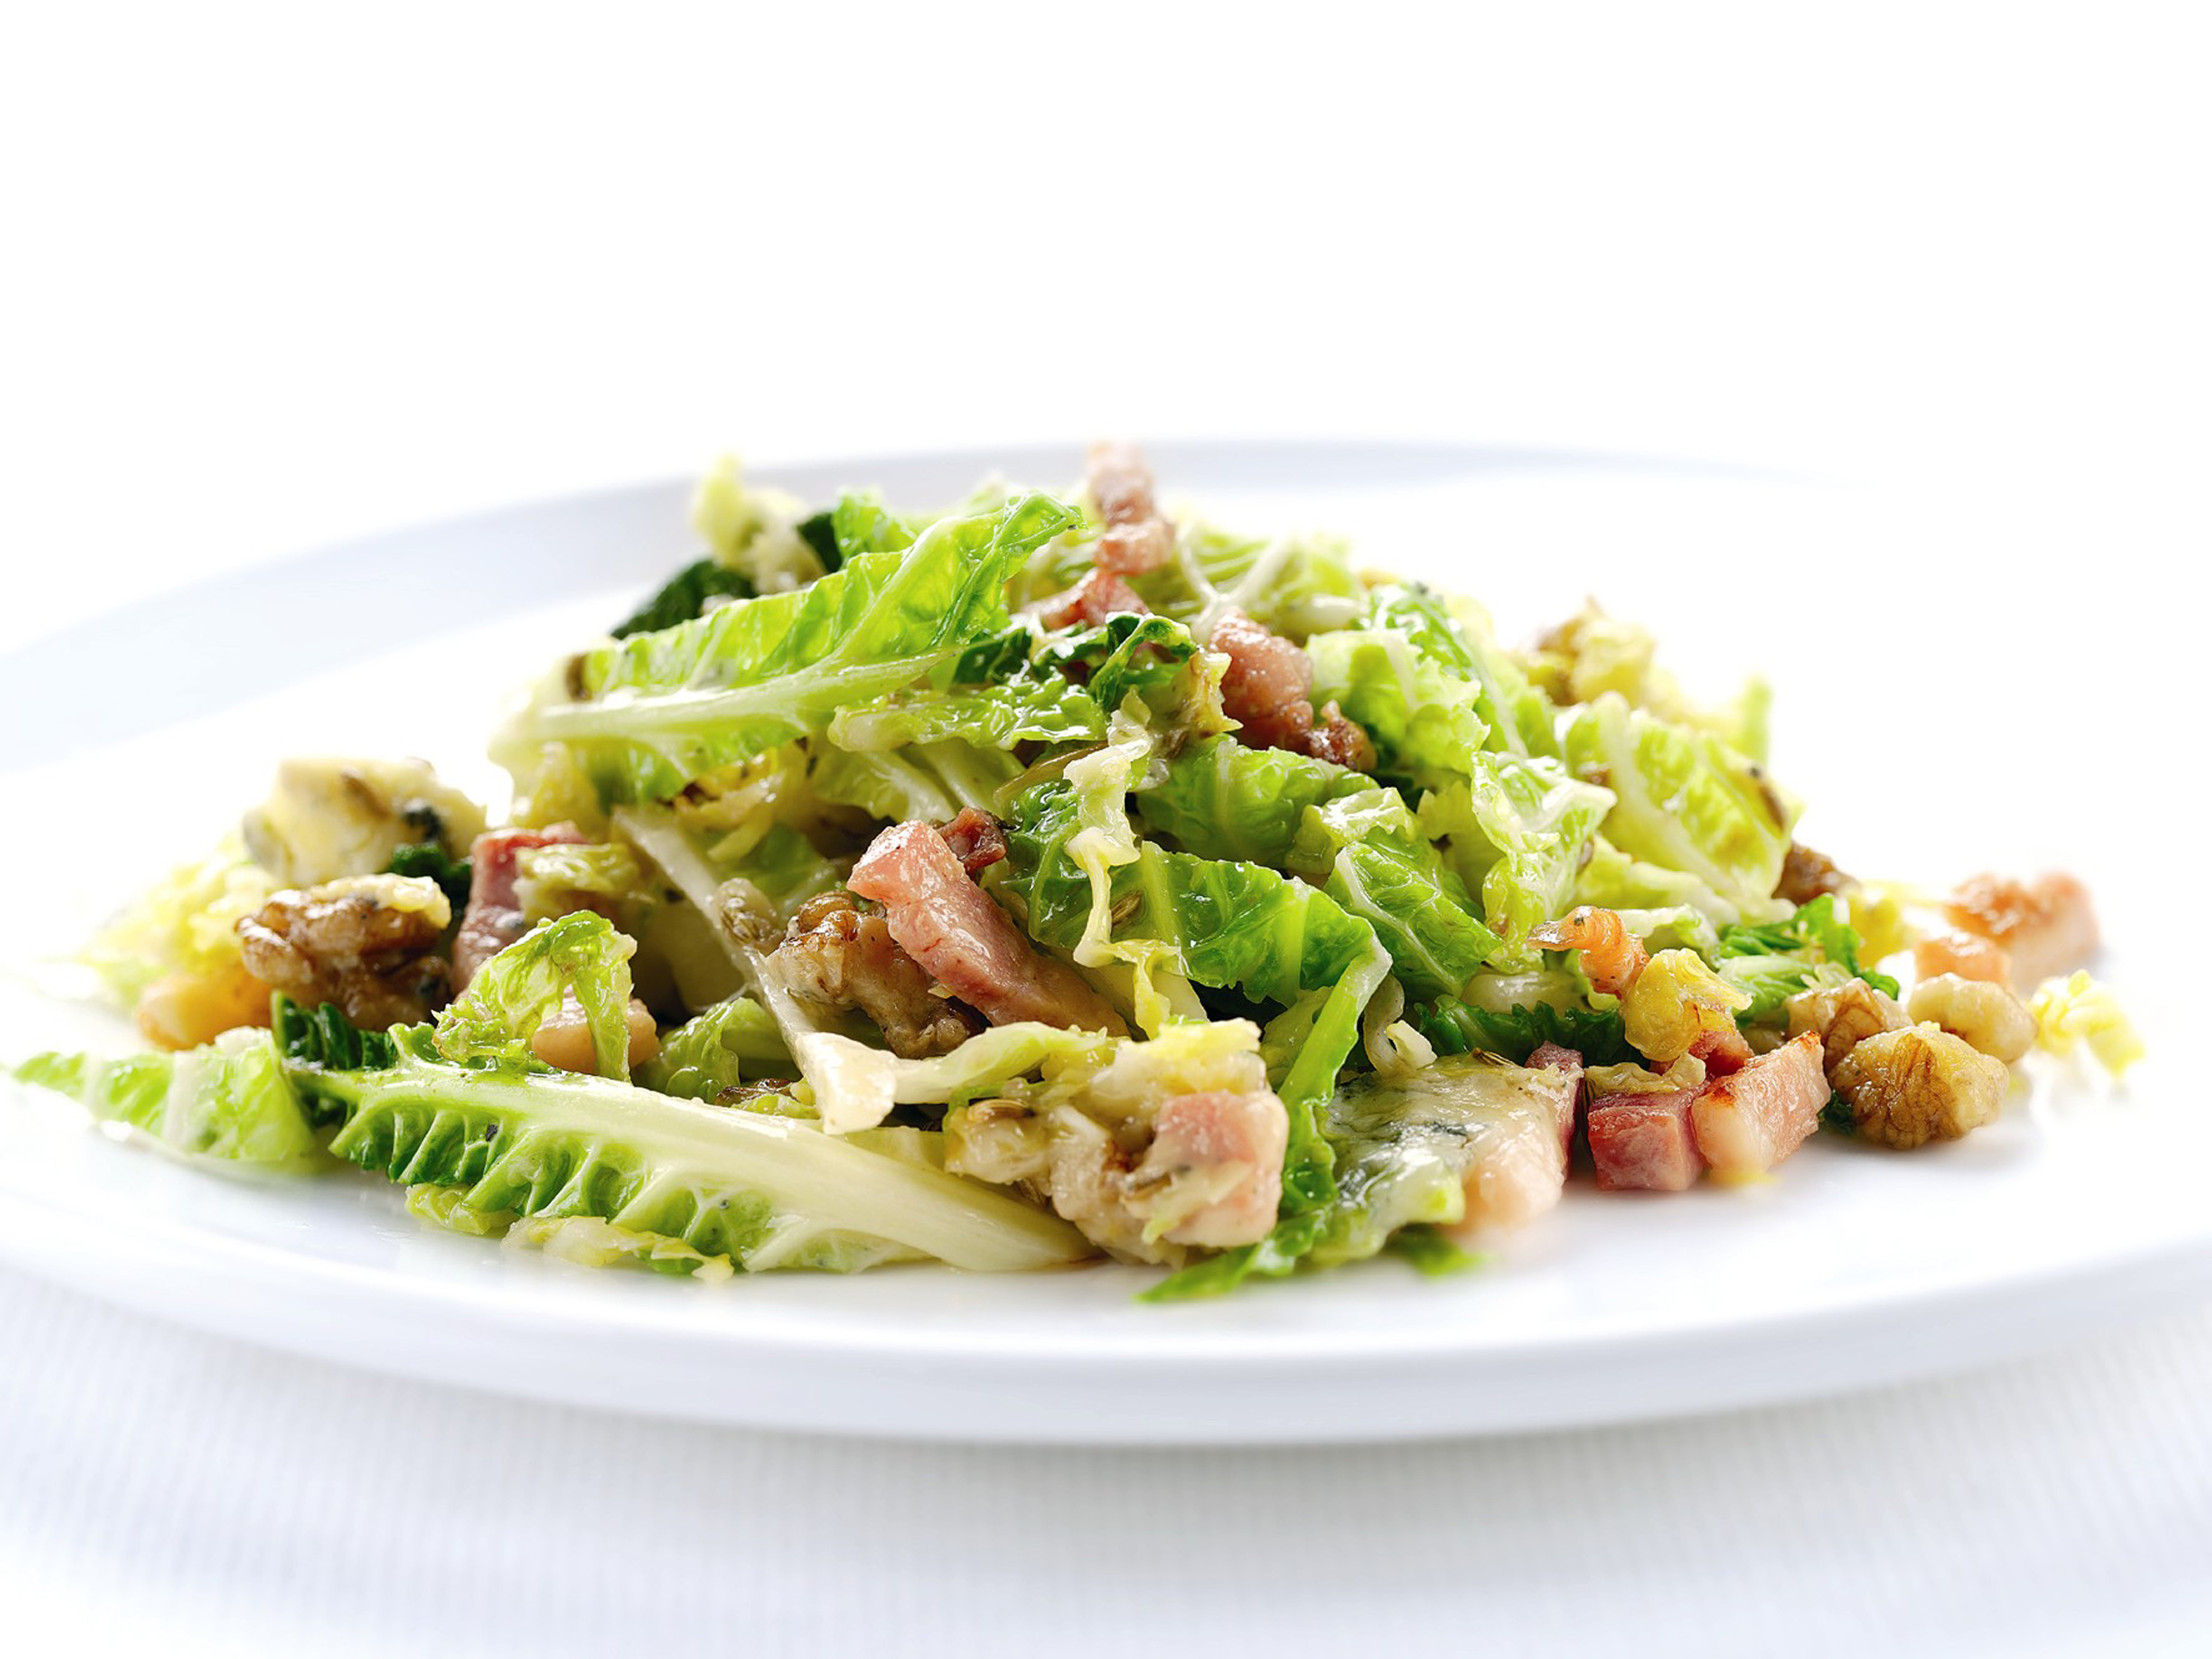 Savoury Cabbage